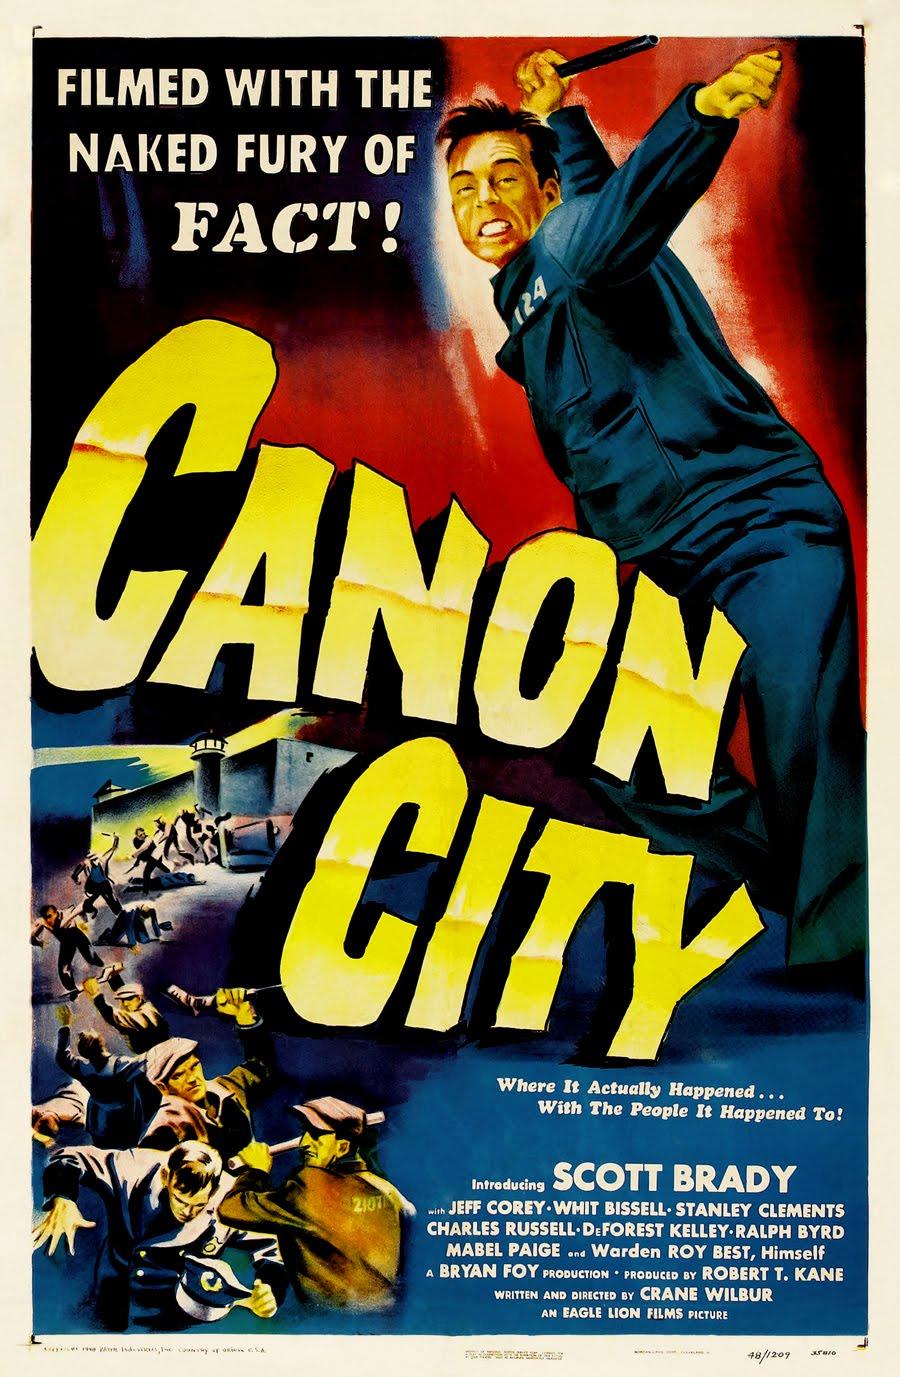 affiche poster film noir cinema 025 102 affiches de films noirs